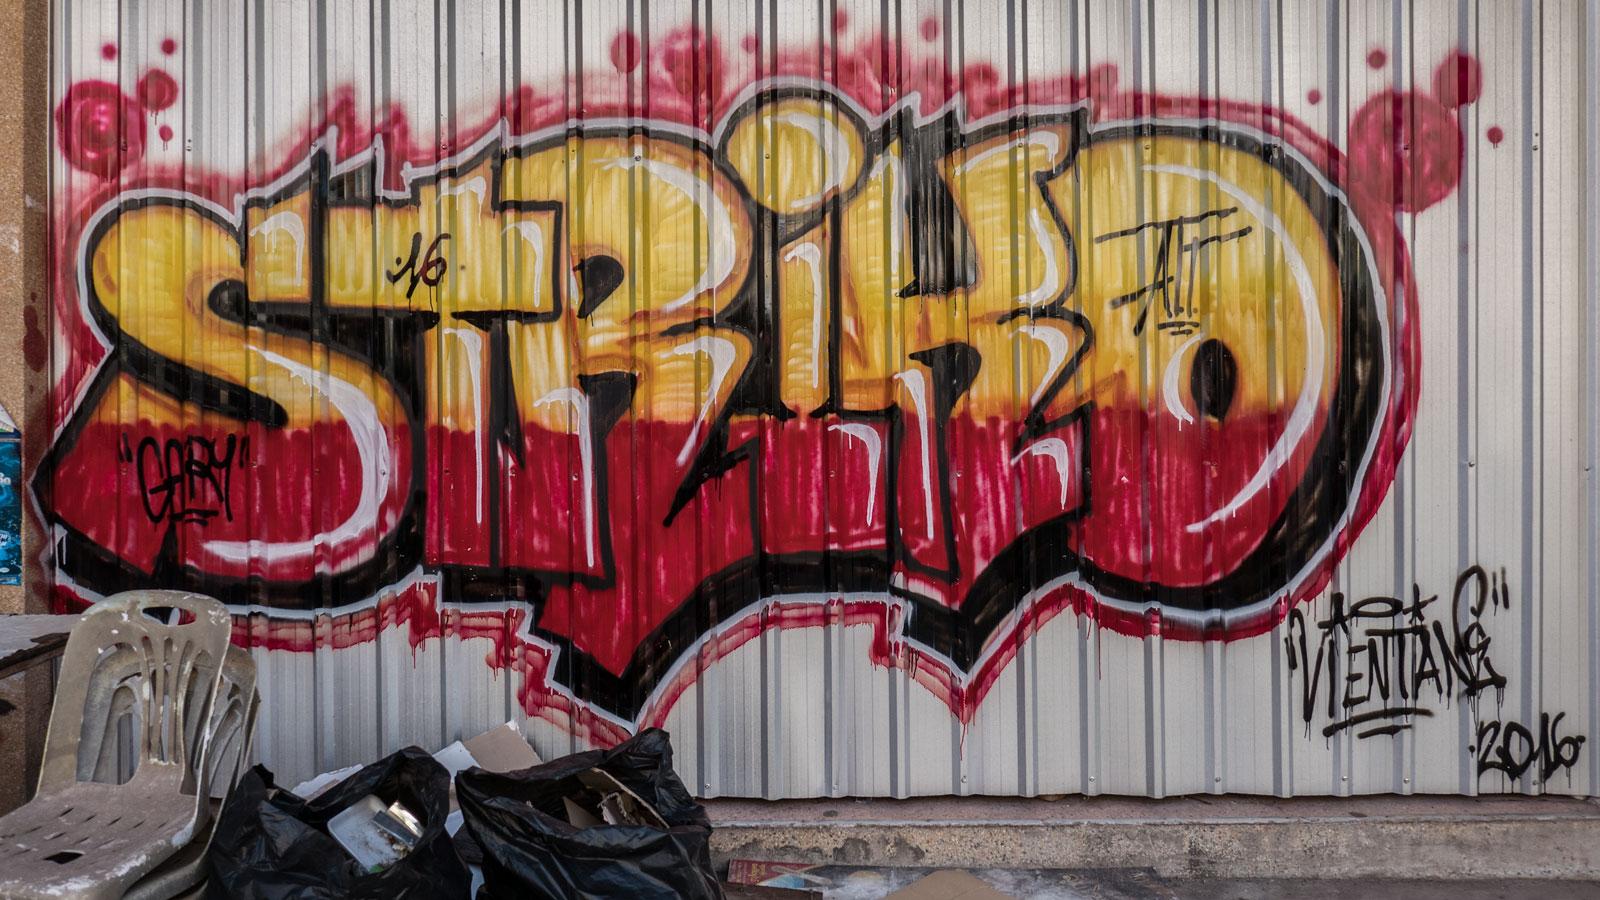 graffiti in Vientiane Laos